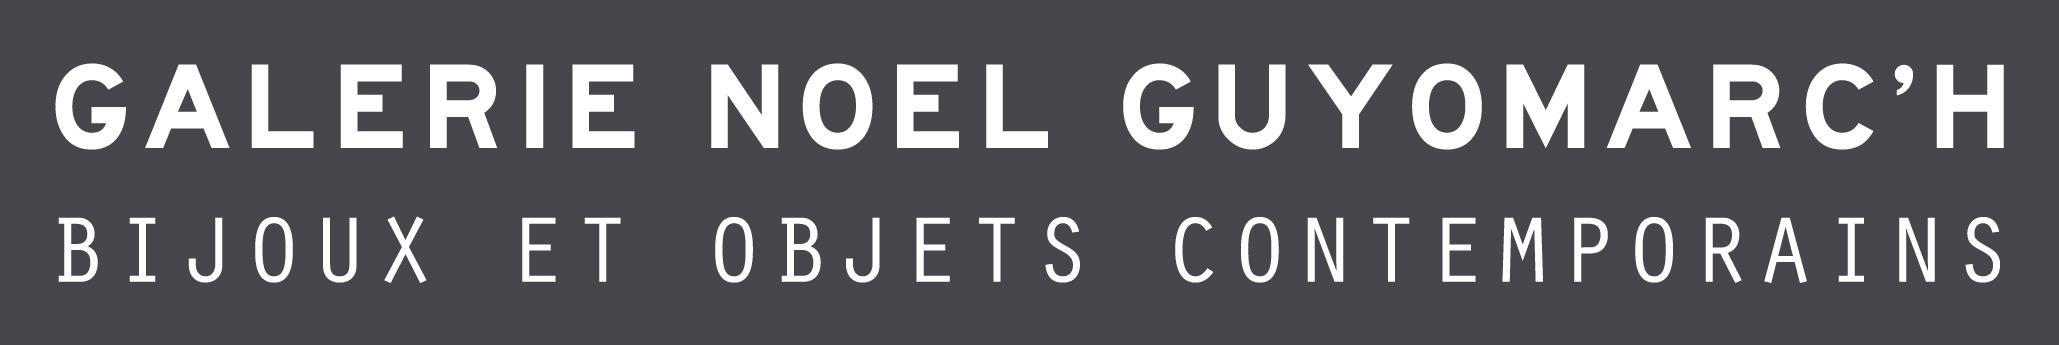 GalerieGN_logo